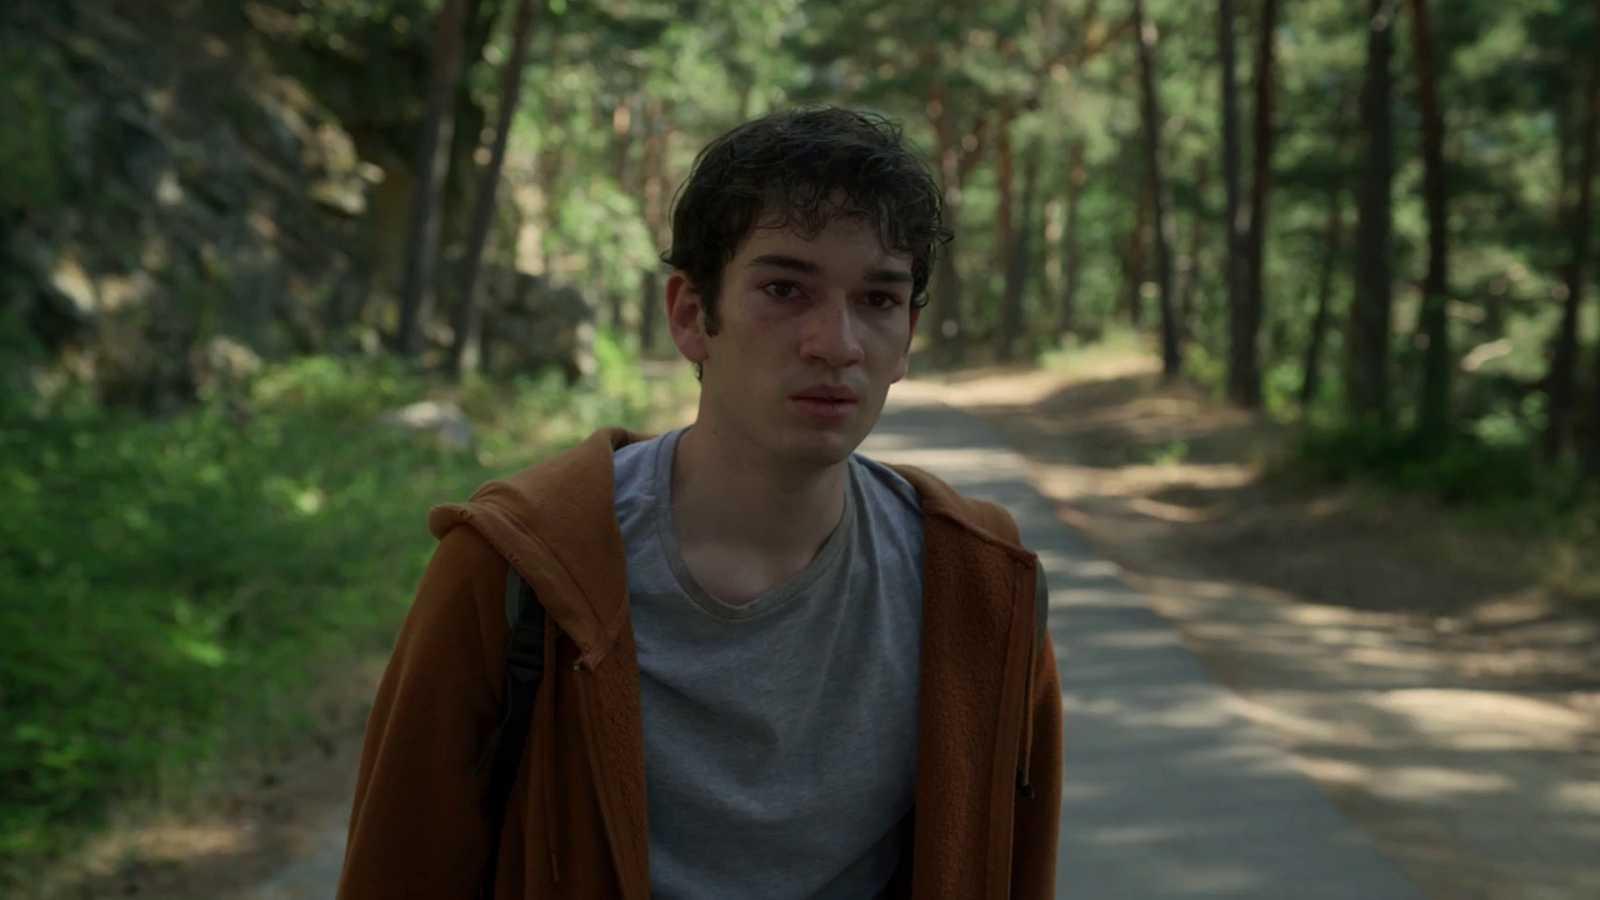 La caza. Tramuntana - Gerard encuentra a Dani en el bosque